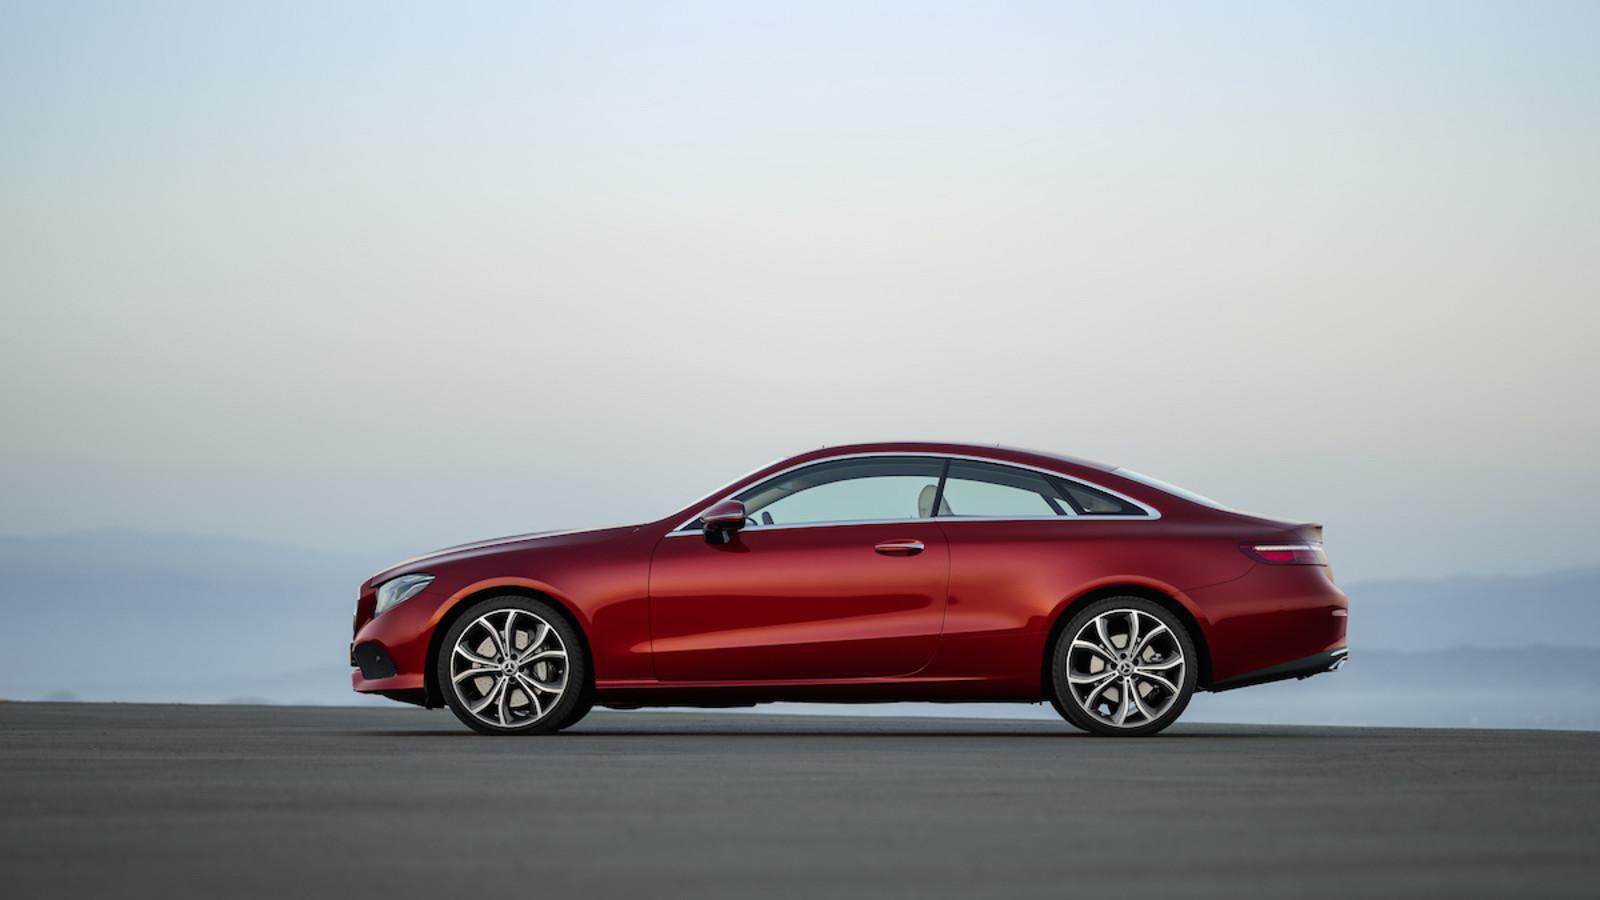 Im Test überzeugt das Mercedes E-Klasse Coupé mit seiner Reichweite.